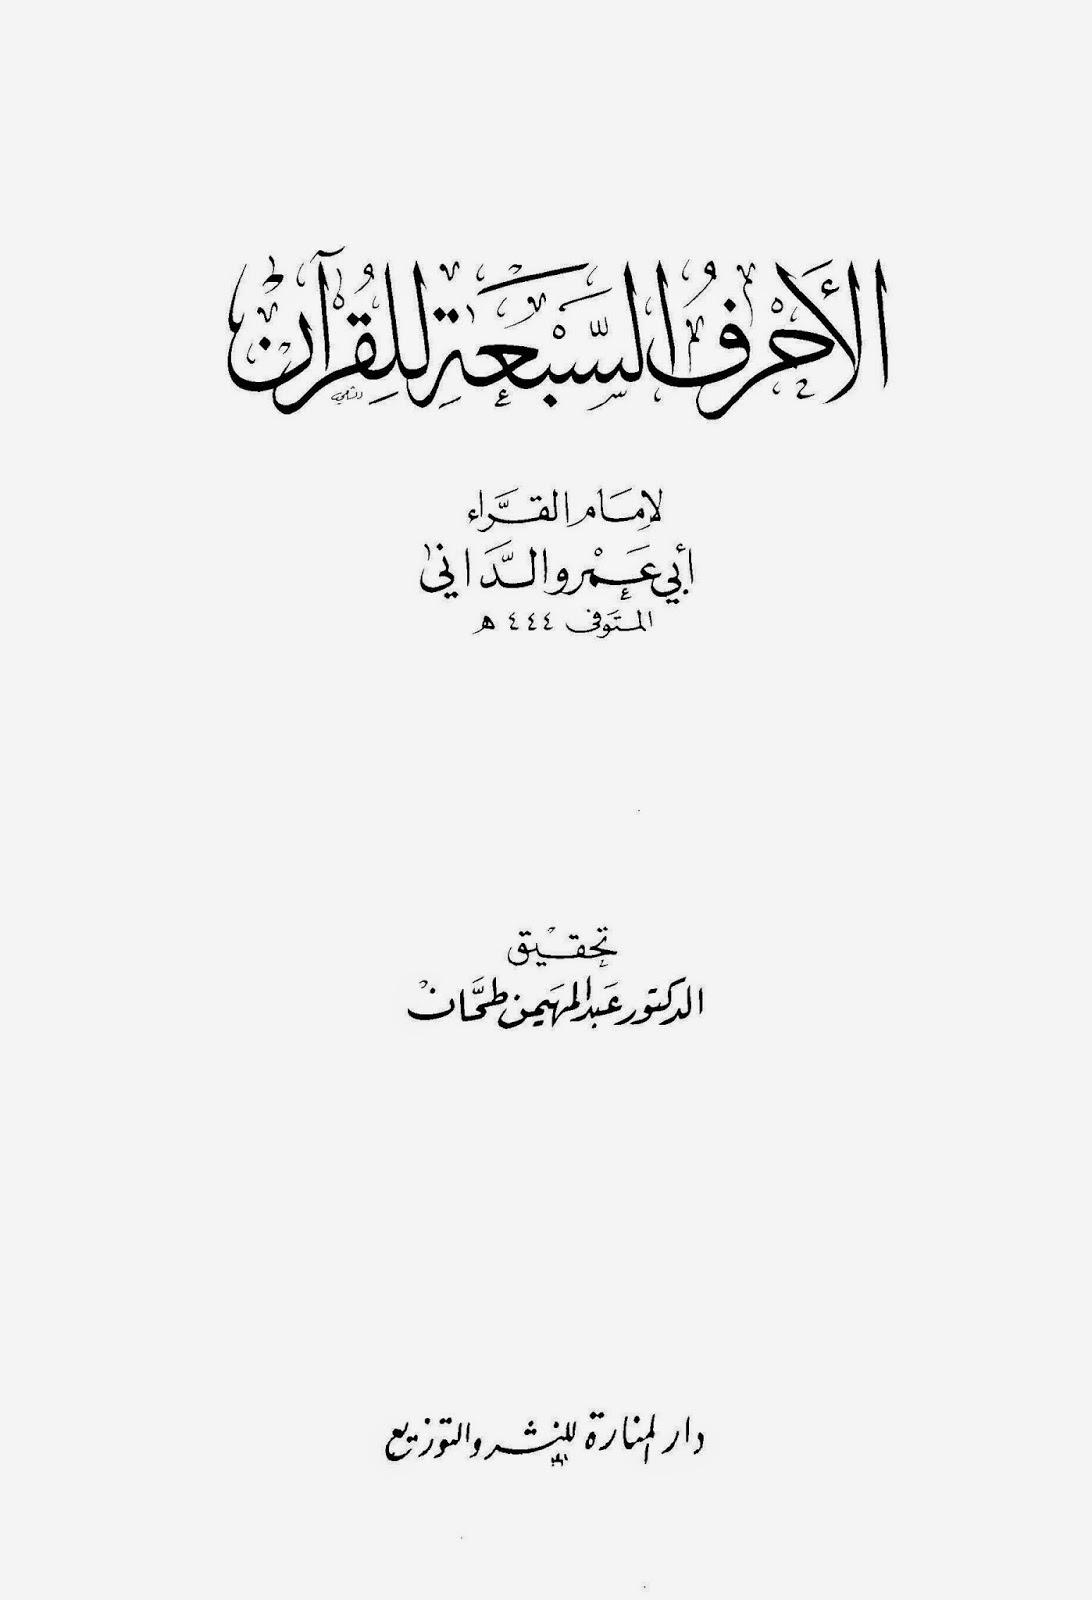 الأحرف السبعة للقرآن - أبو عمرو الداني pdf